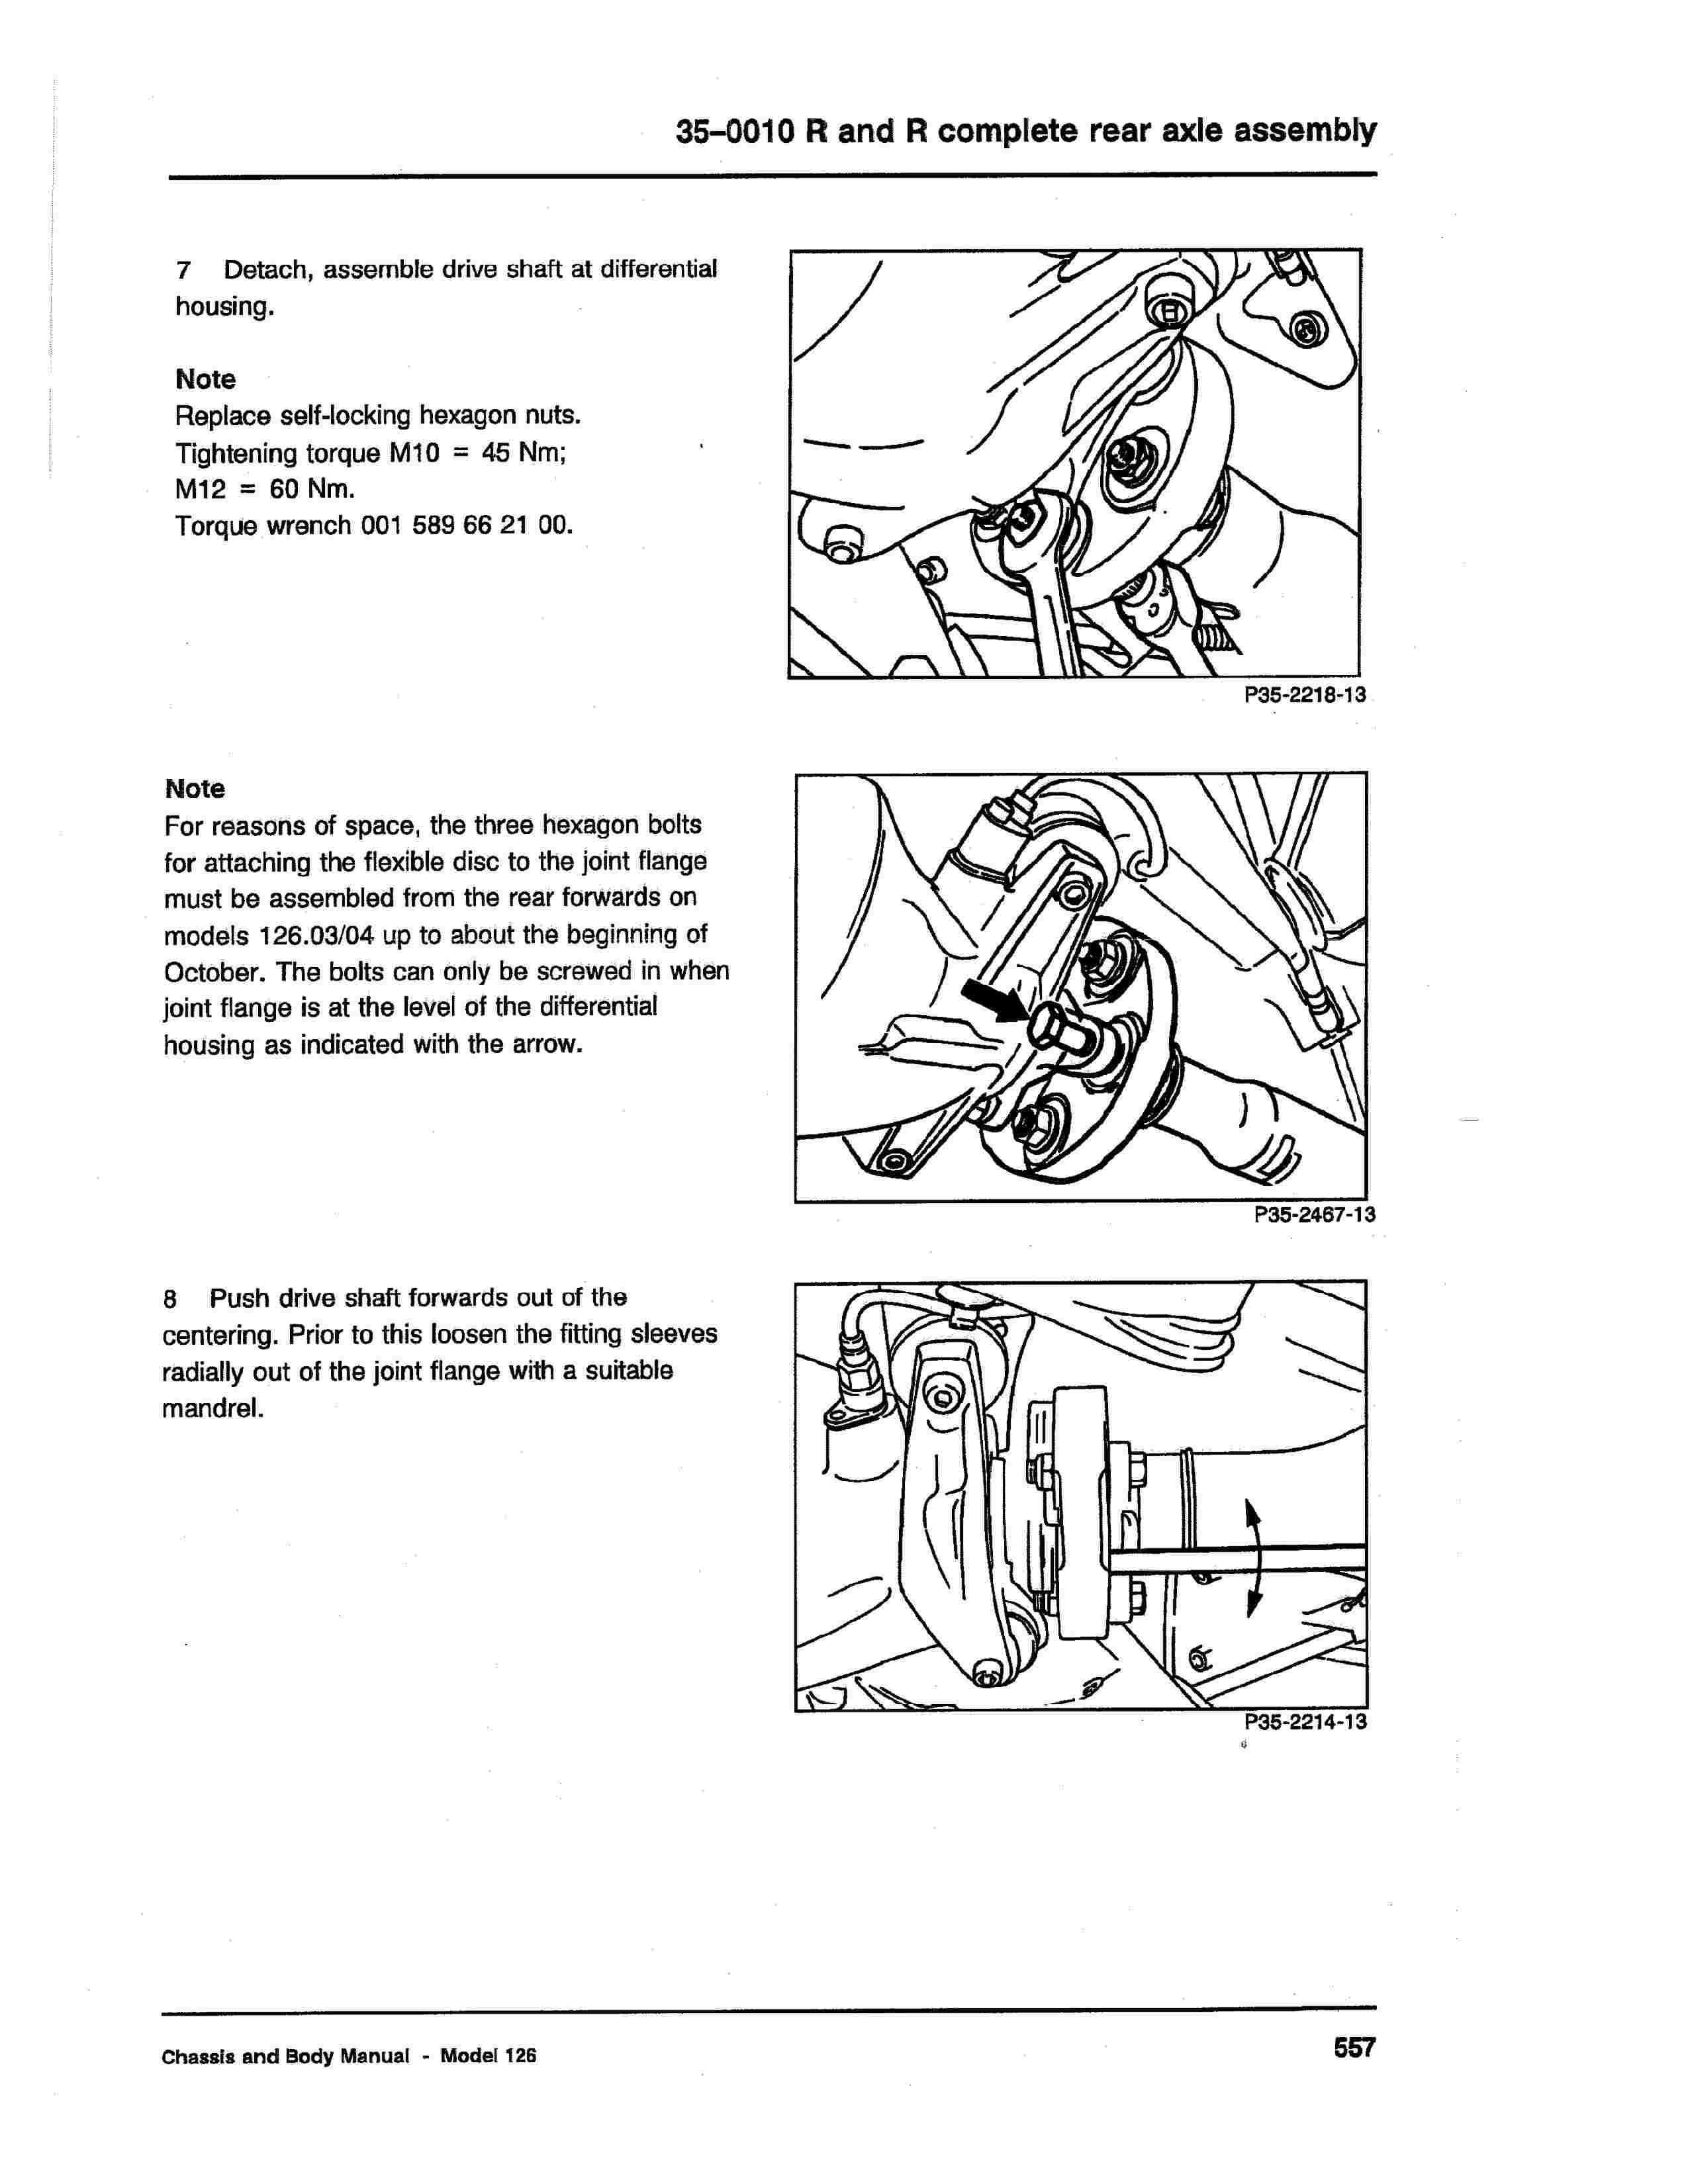 (W126): Diagrama completo da suspensão traseira  0006_234